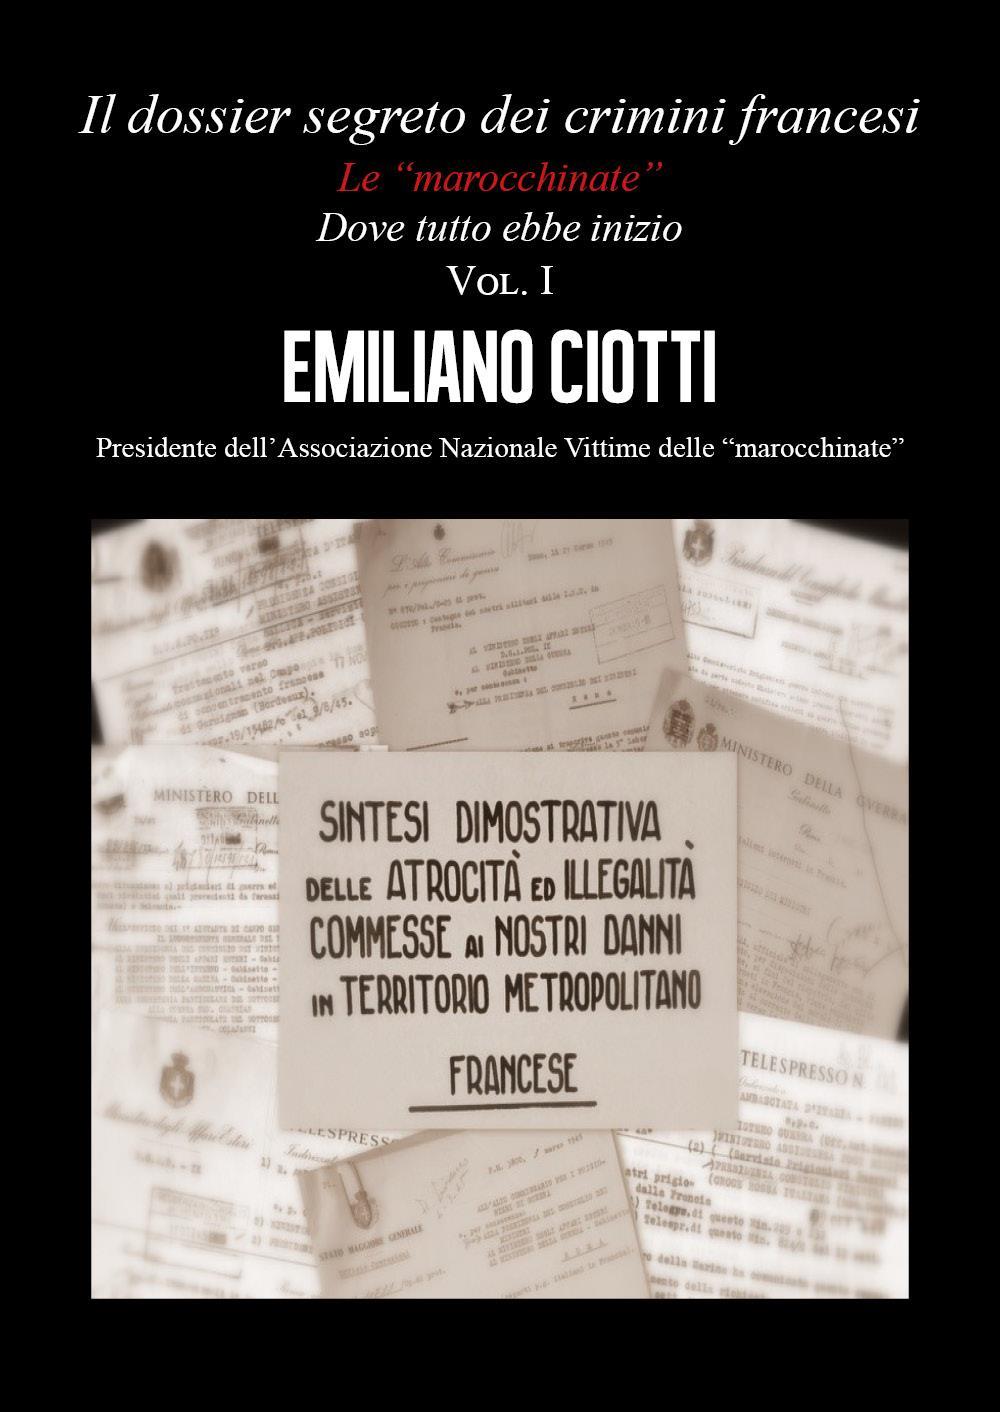 """Il dossier segreto dei crimini Francesi. Dove tutto ebbe inizio. Le """"marocchinate"""" Vol. I"""